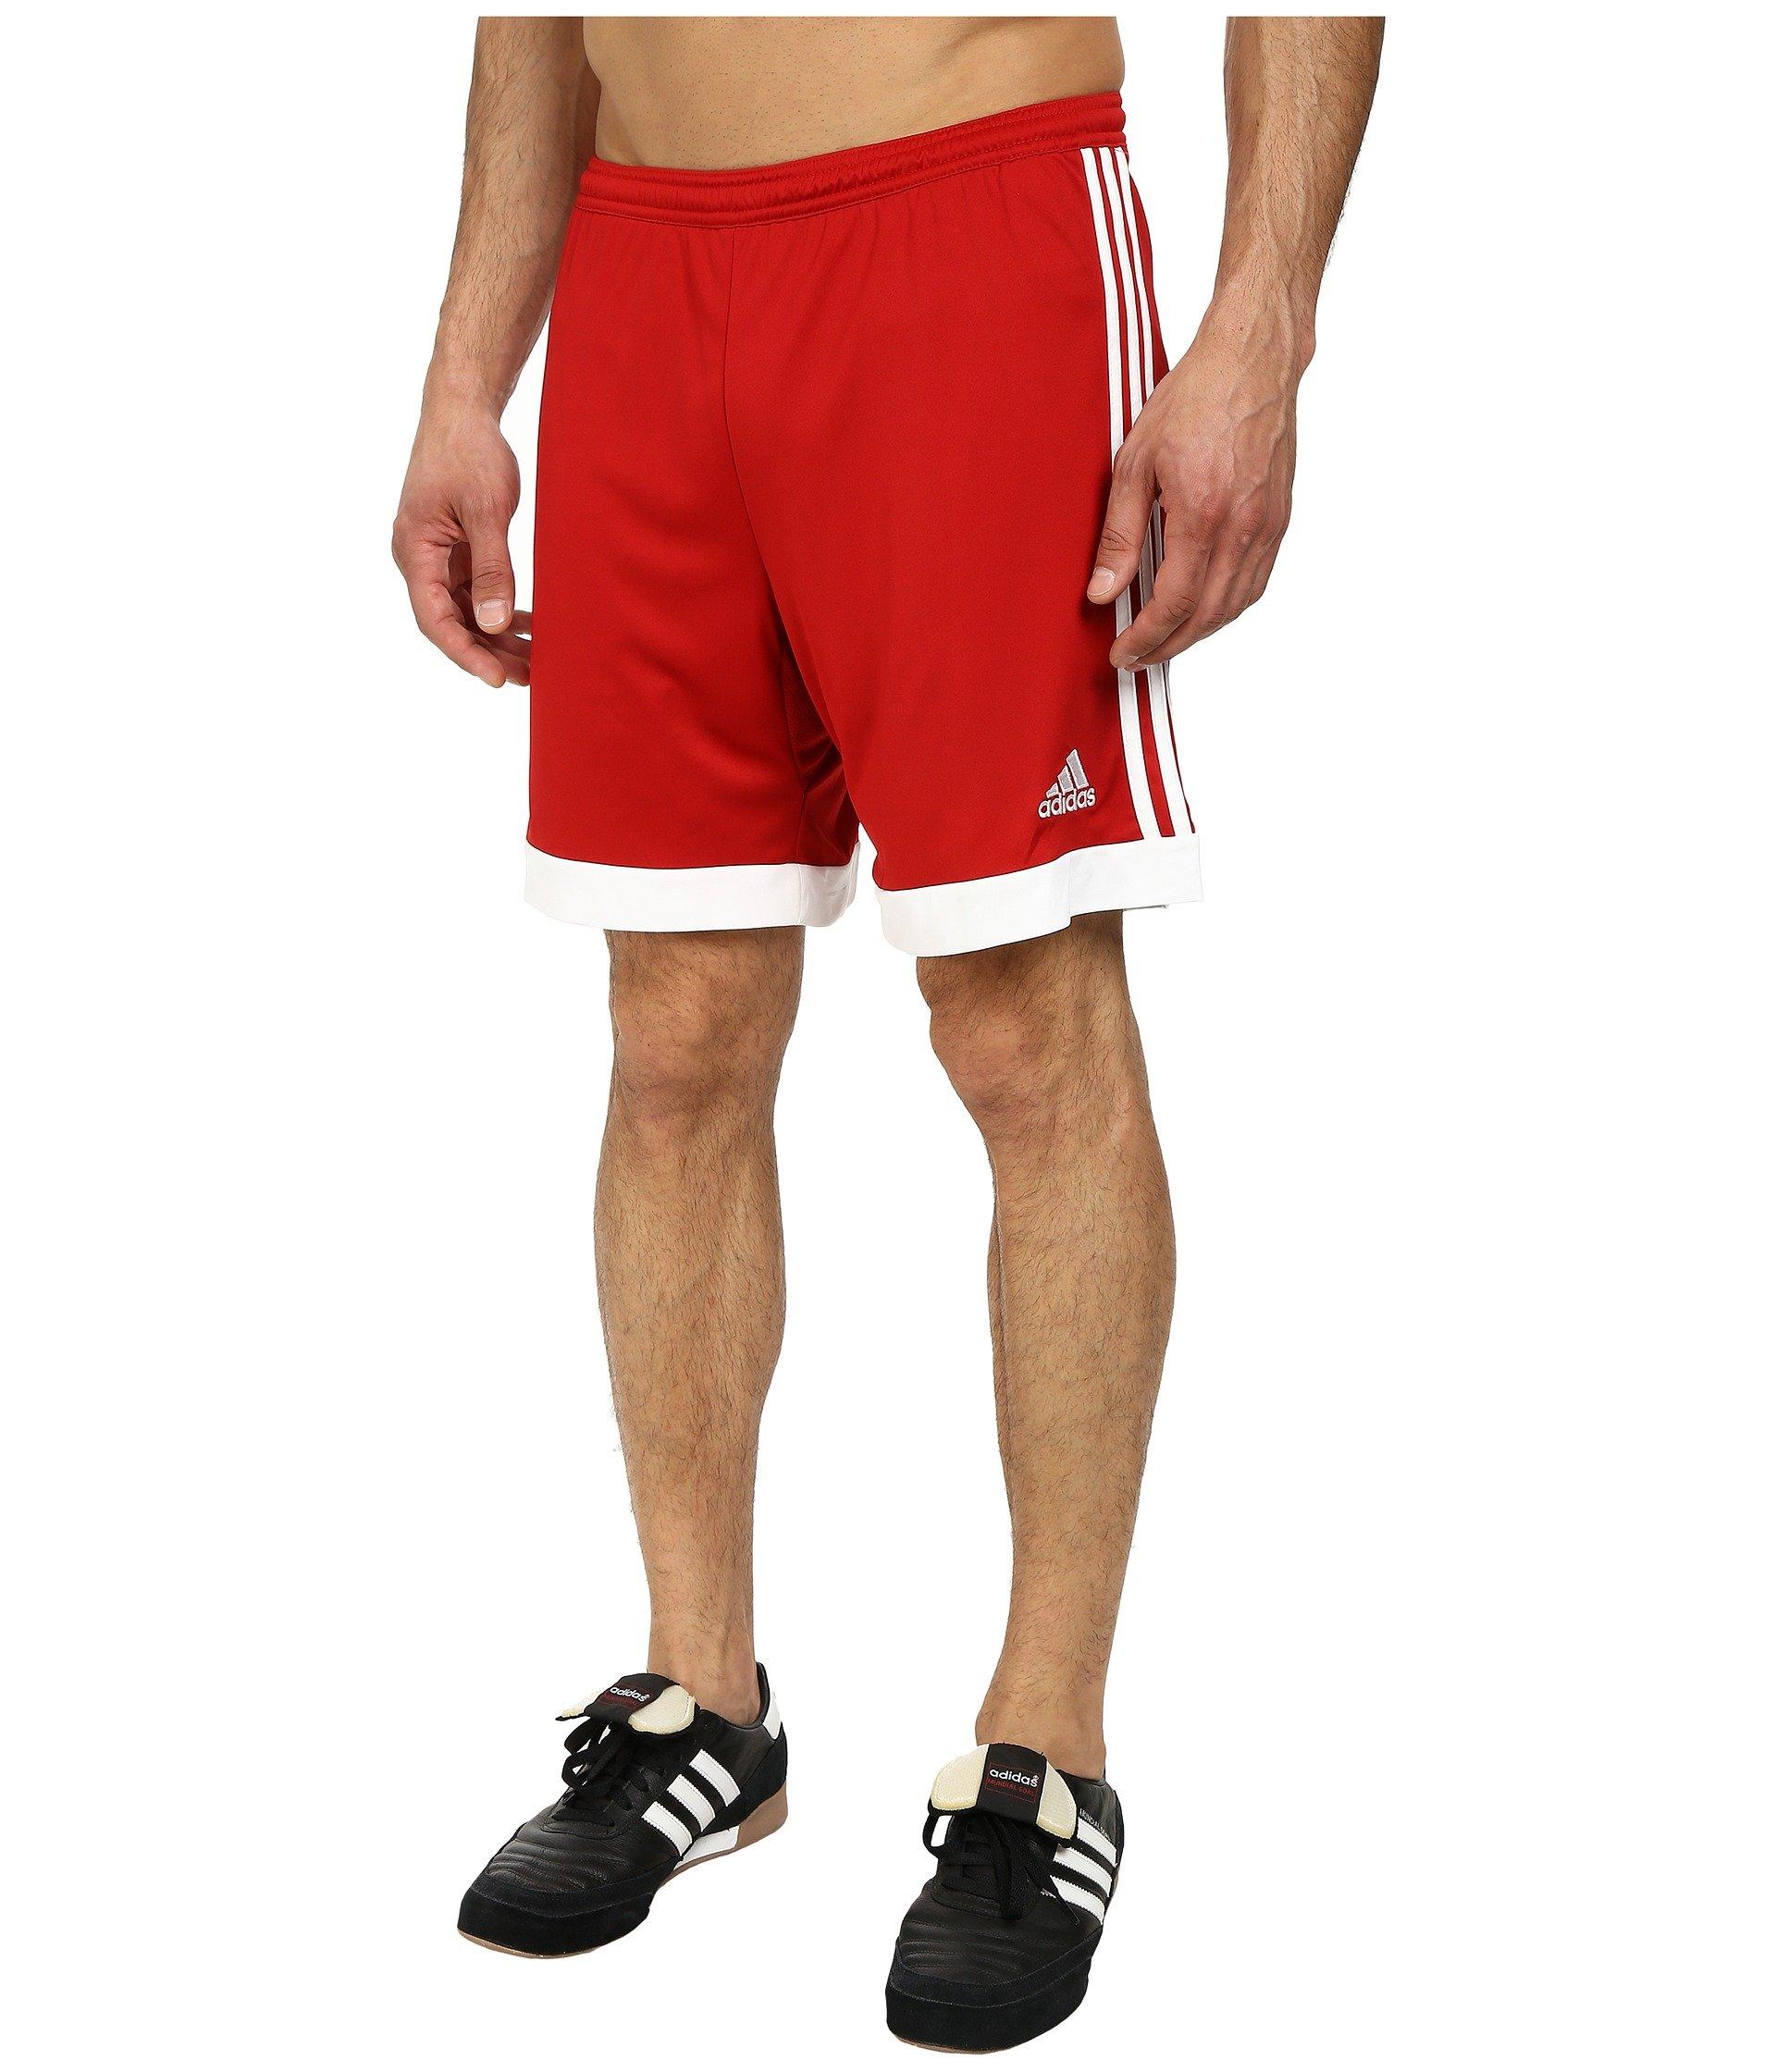 05fdc81fa8a Lyst - adidas Originals Tastigo 15 Dry Dye Short in Red for Men